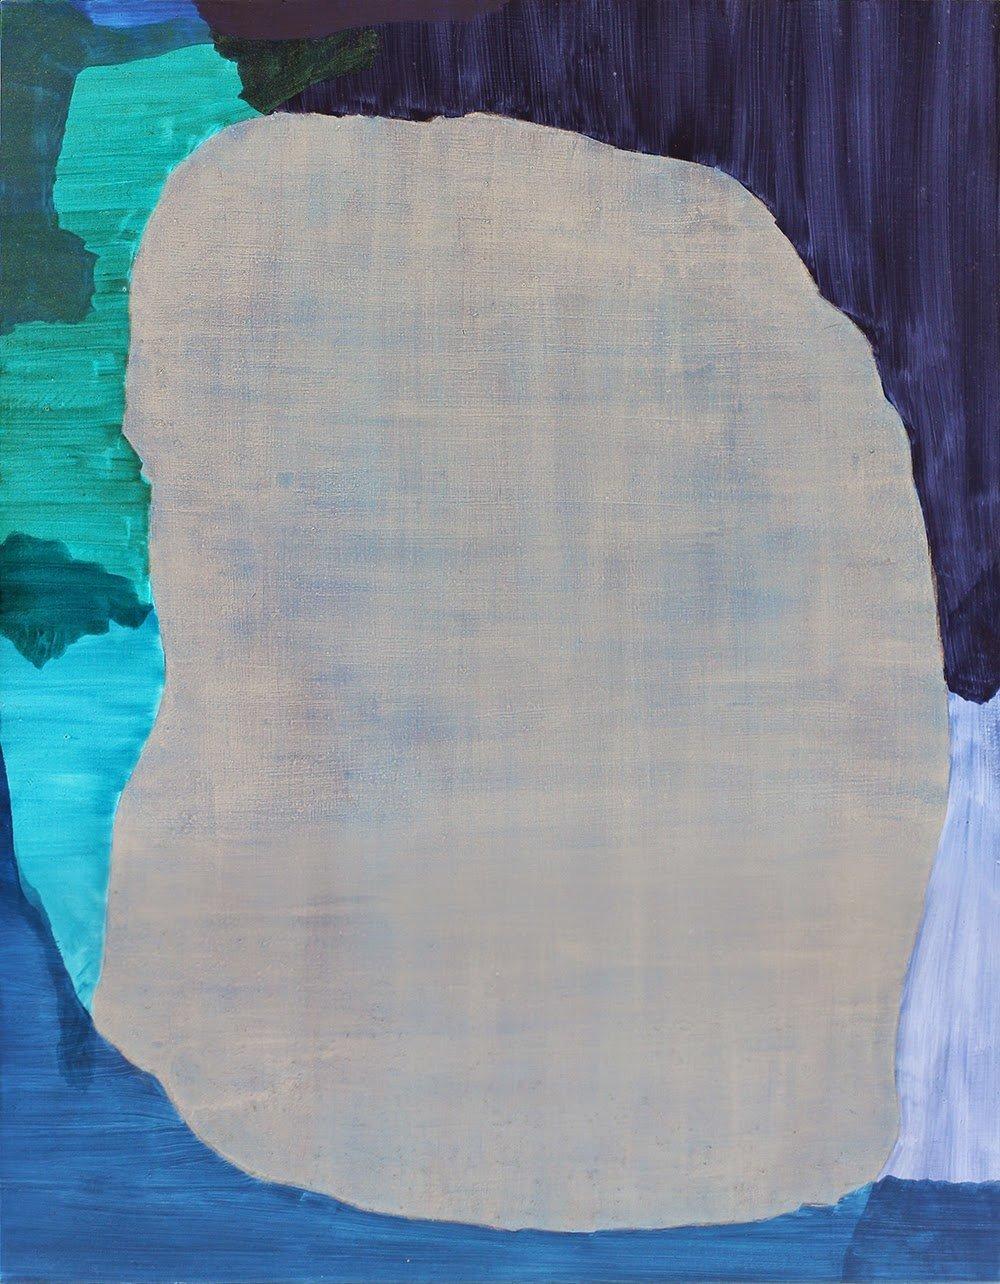 Blue, 2014